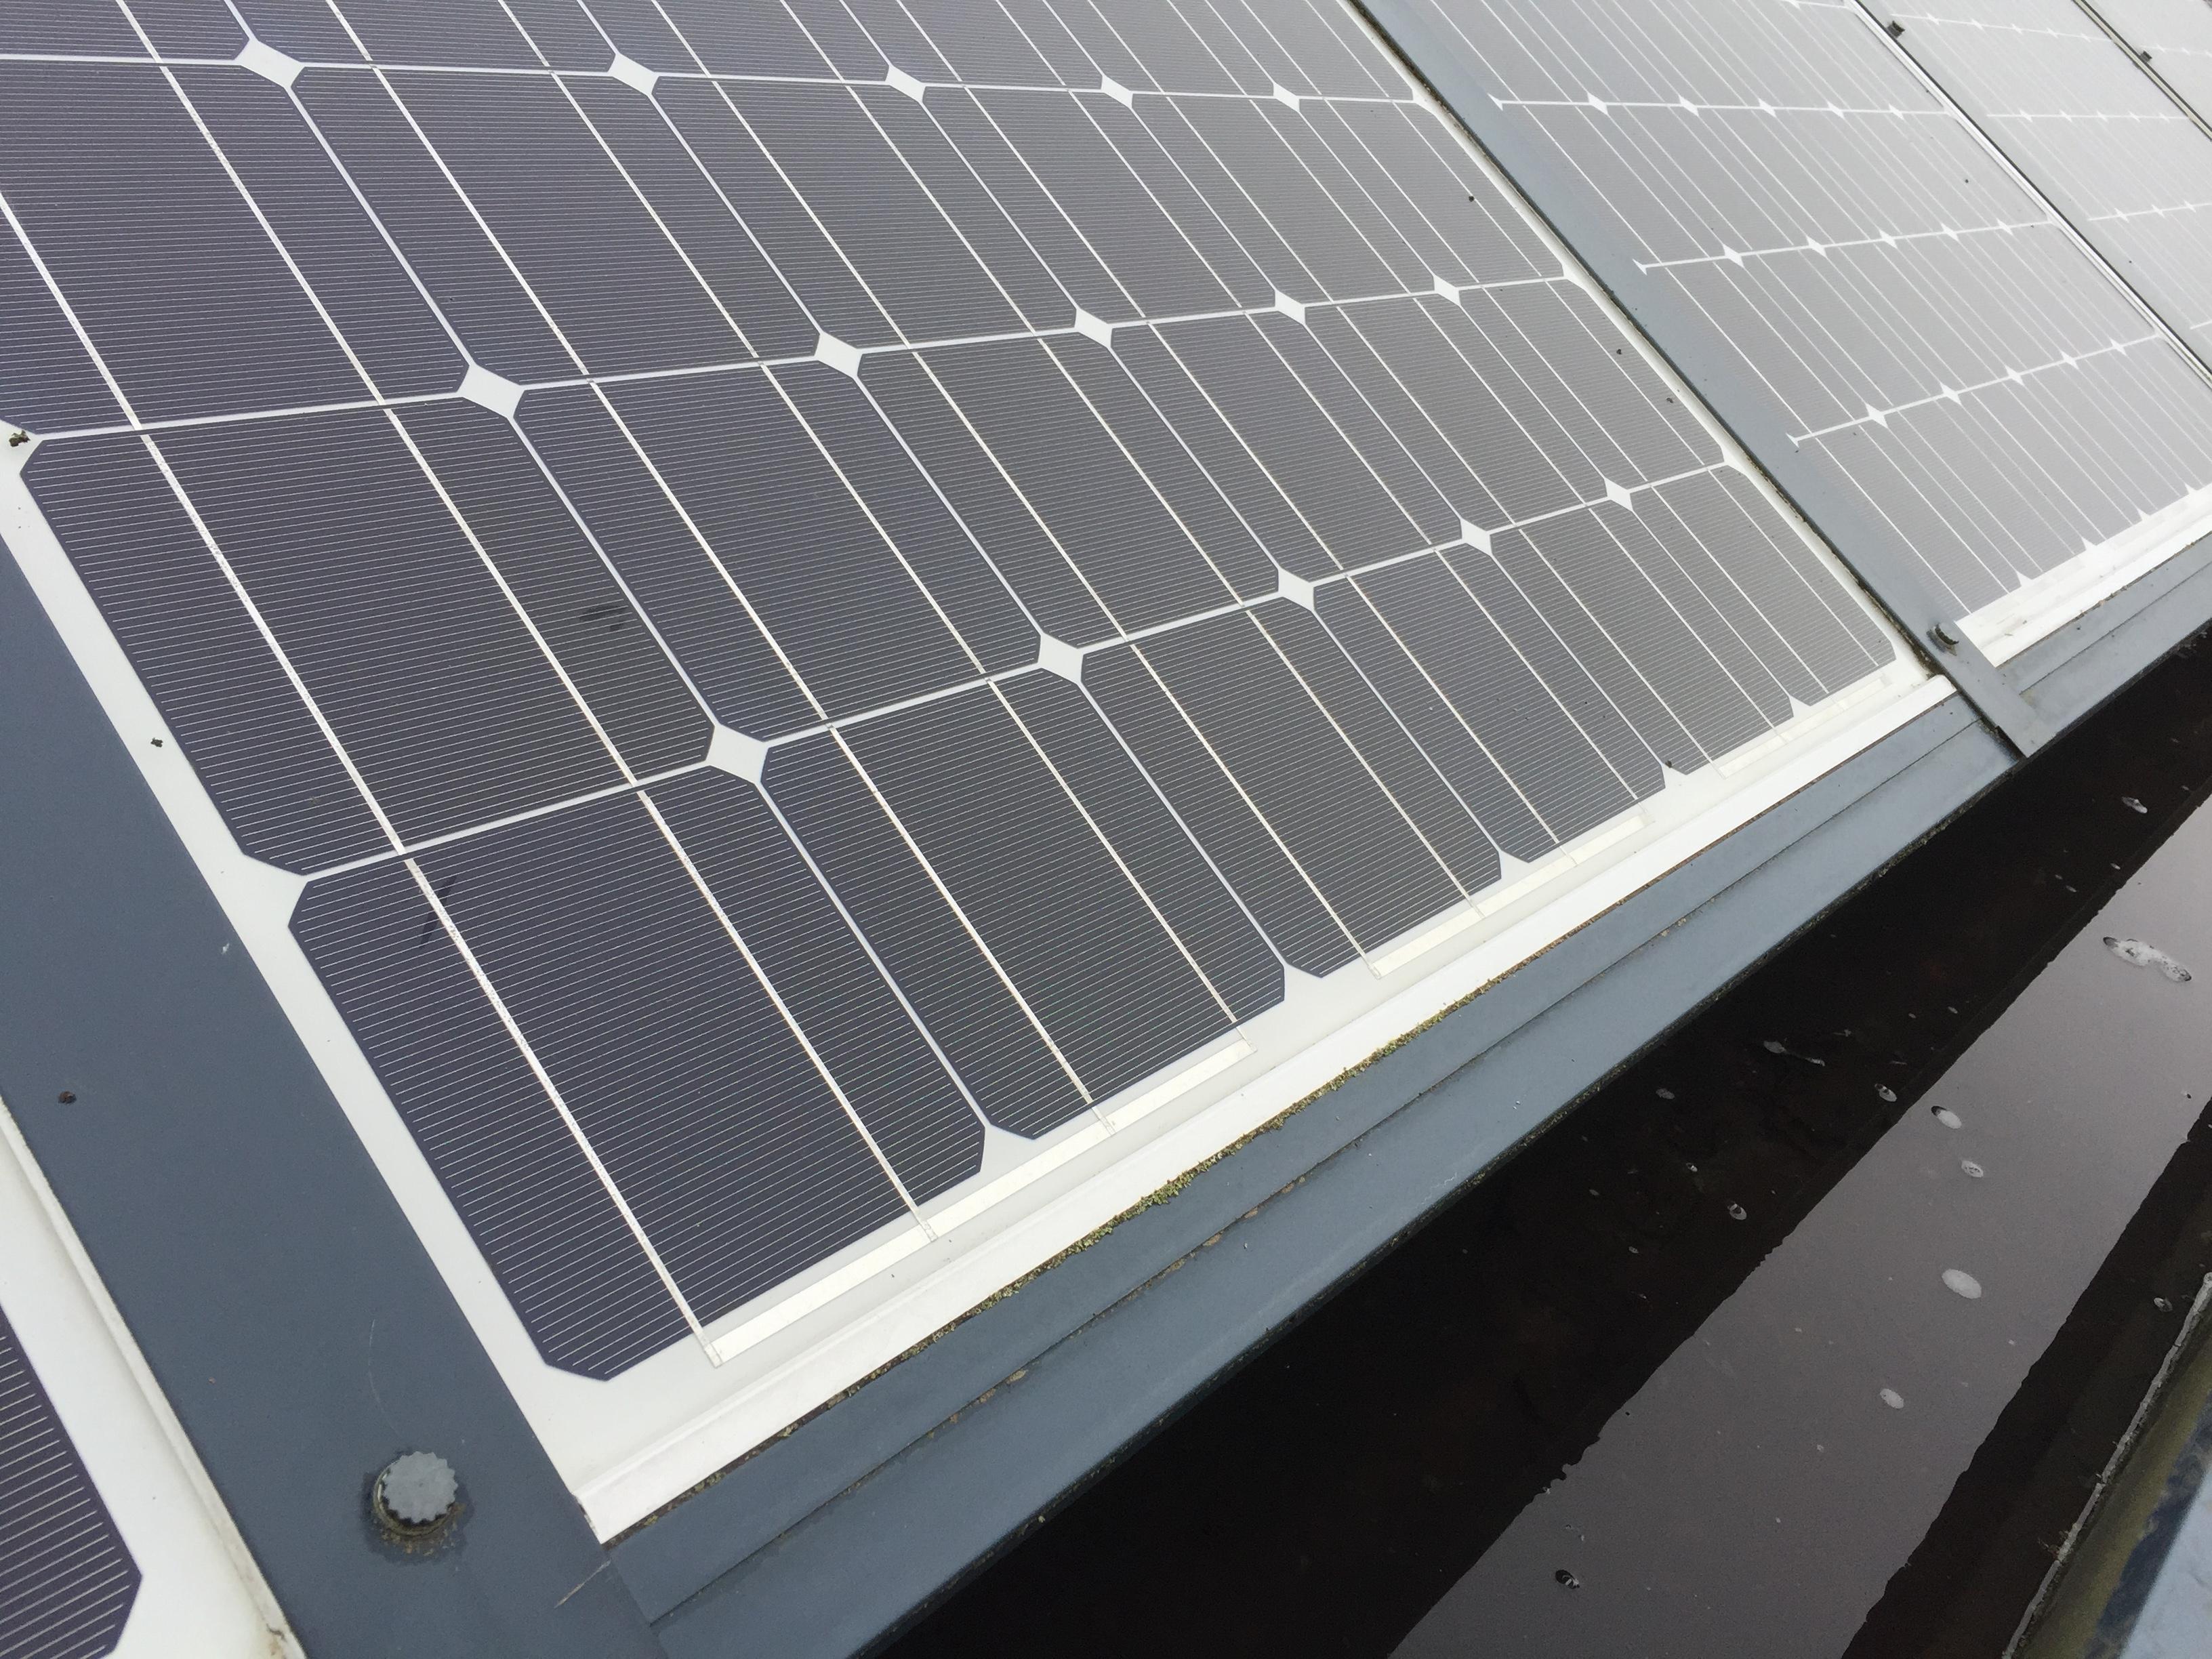 nettoyage panneau solaire blois entretien photovoltaique diam 39 net propret. Black Bedroom Furniture Sets. Home Design Ideas